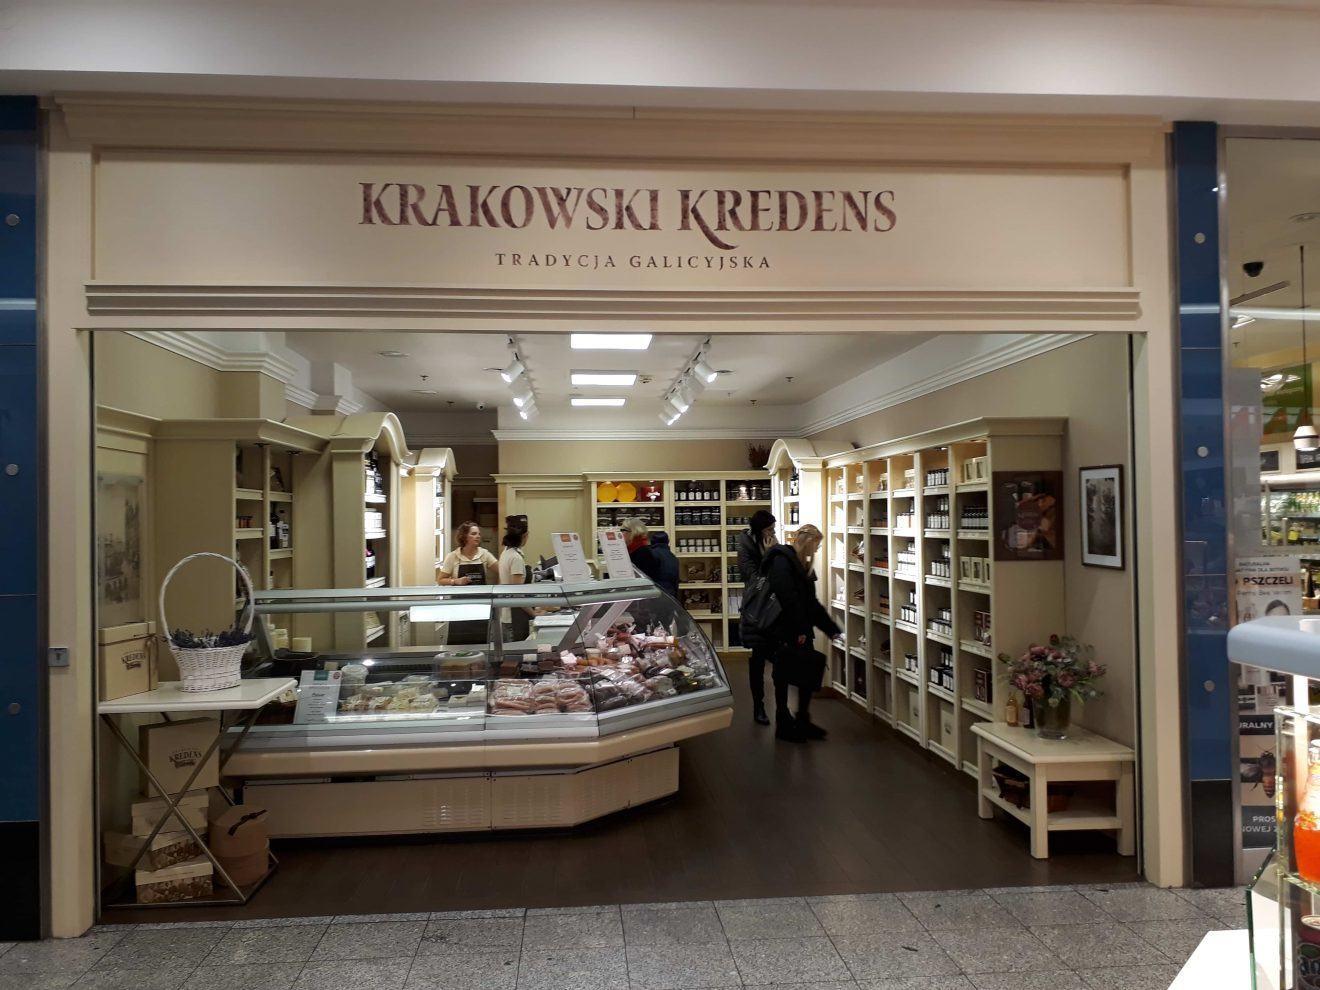 Krakow Glowny Krakowski Kredens